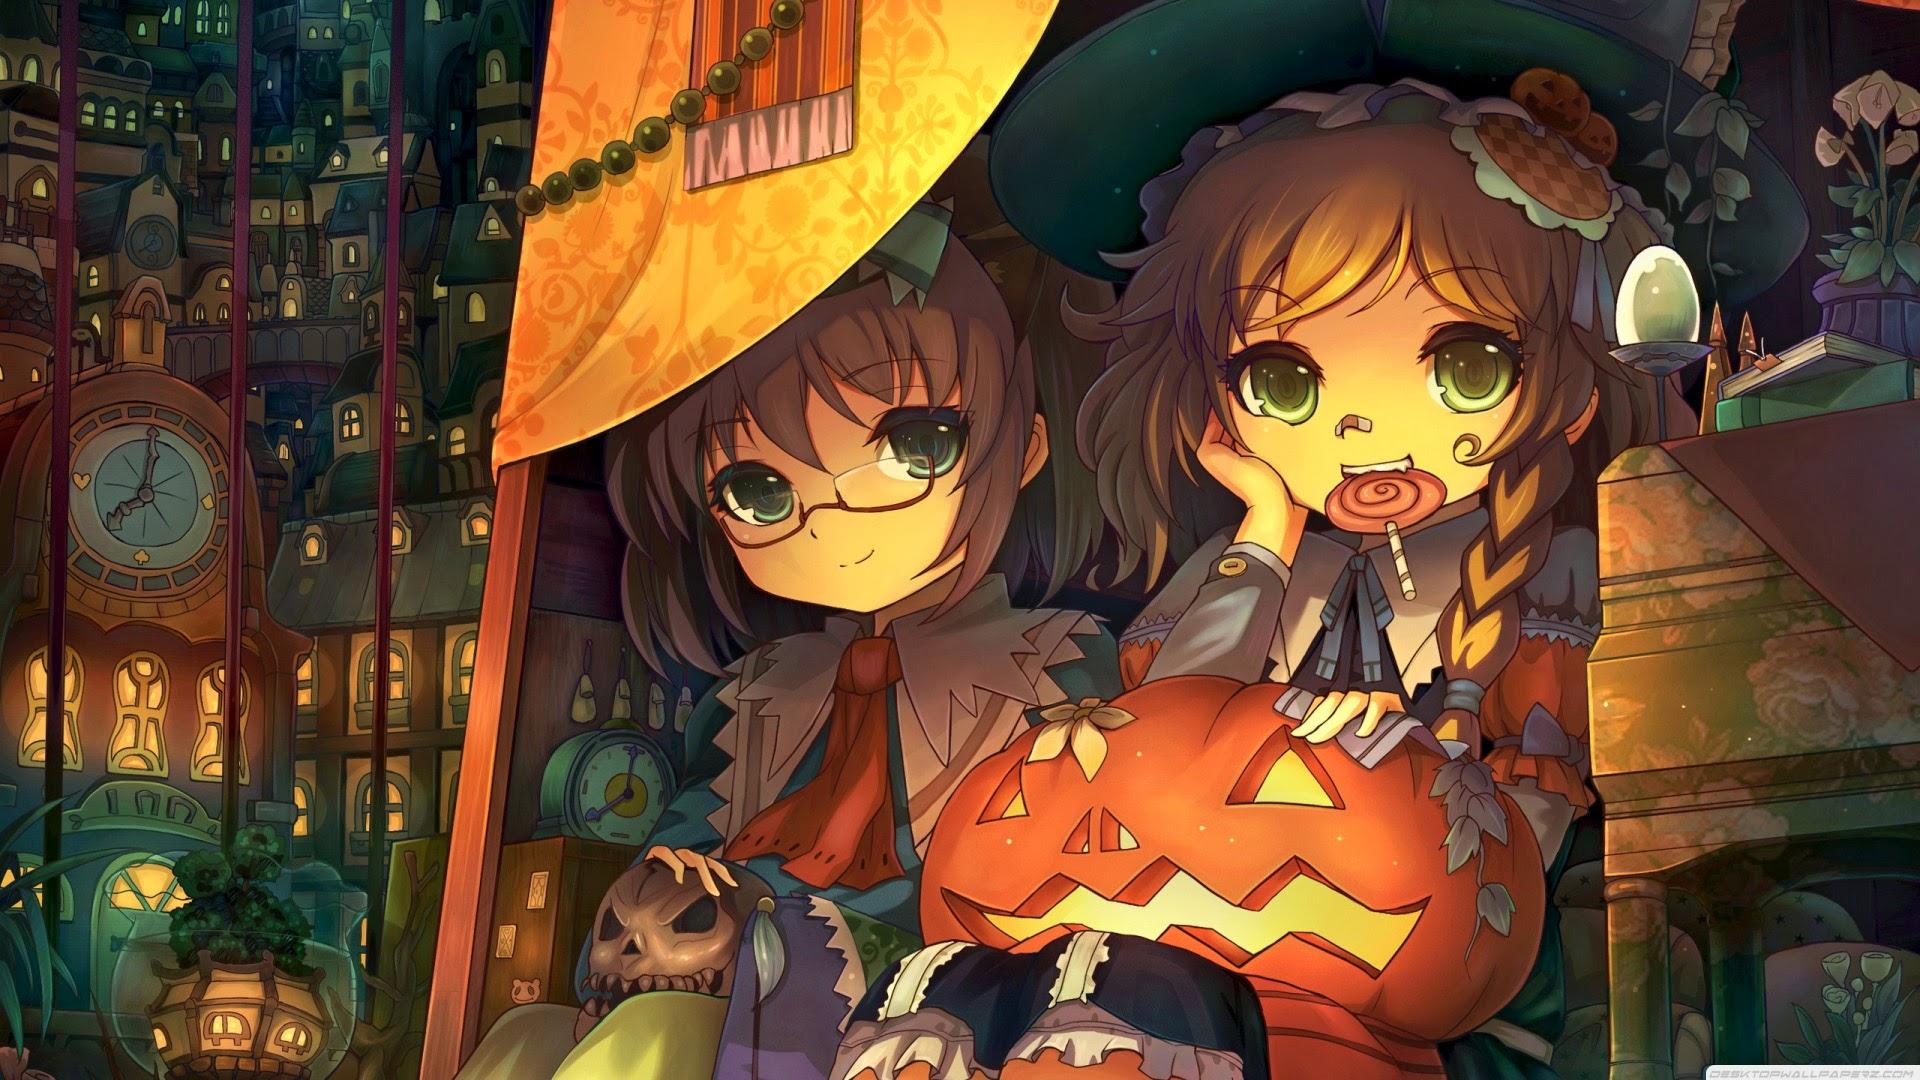 anime halloween girl - photo #35